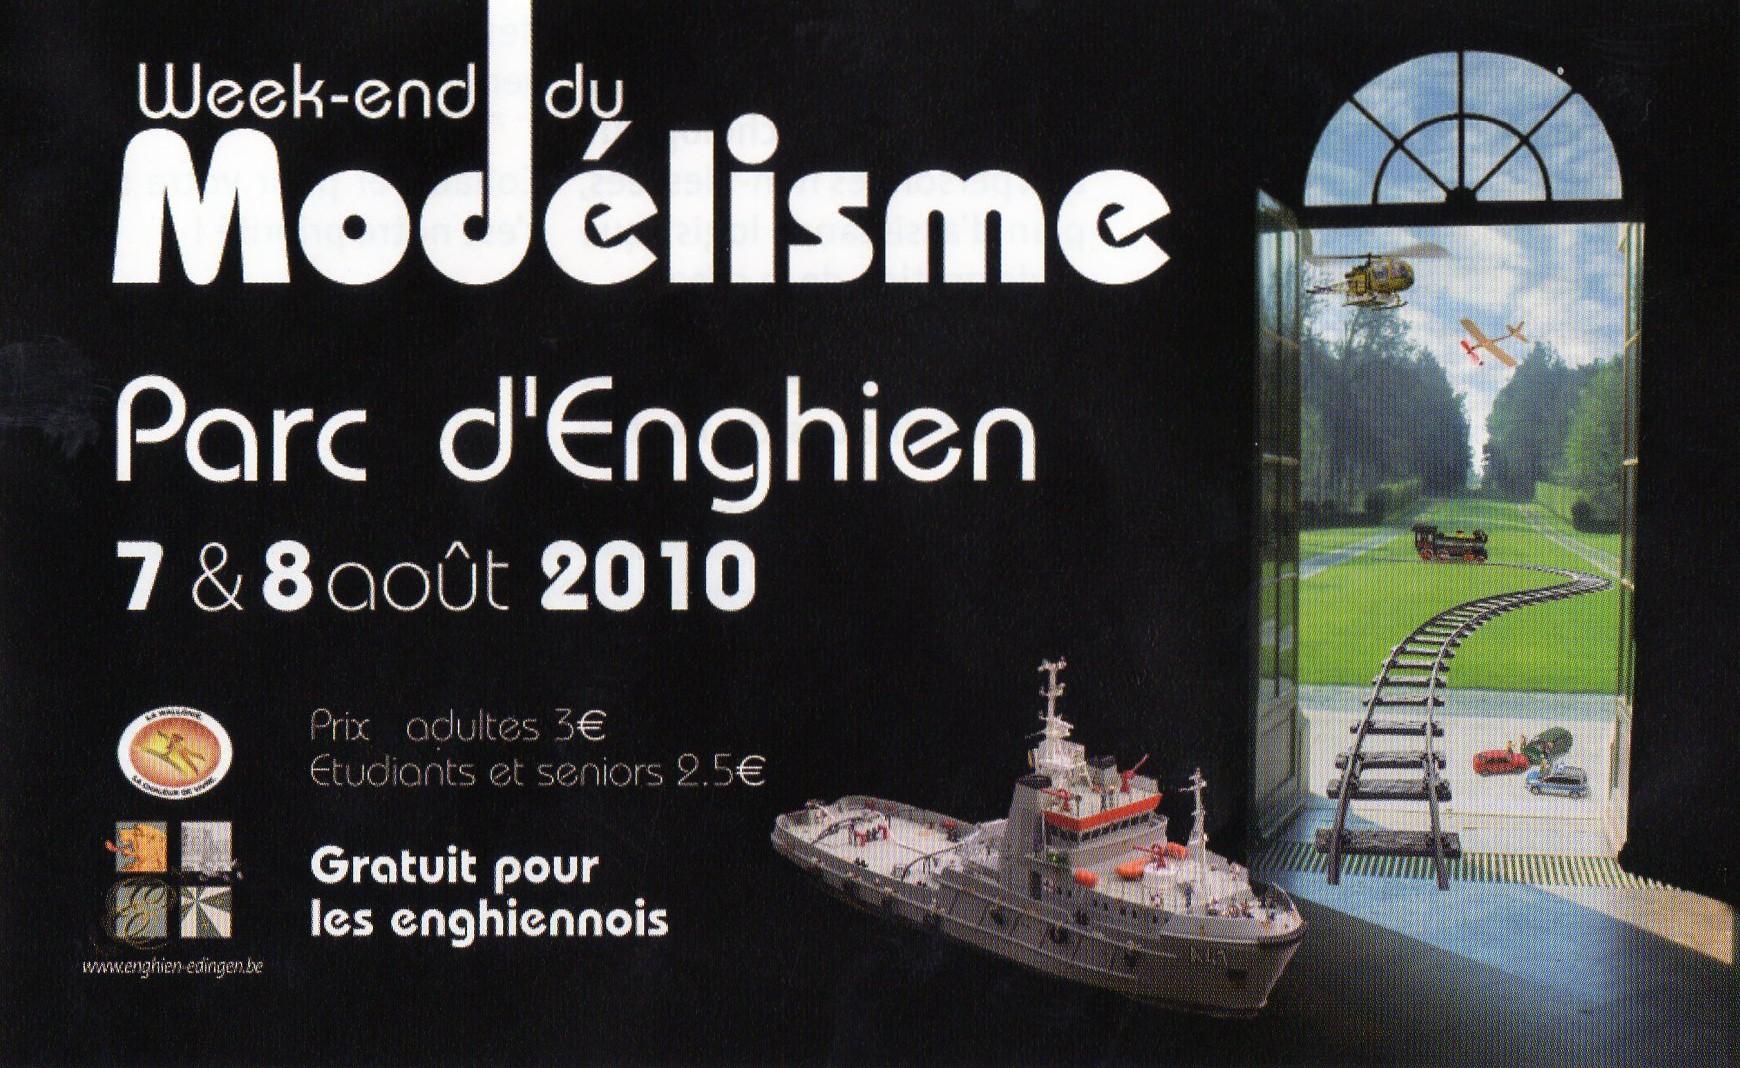 salon du modélisme du 7 et 8 août 2010 à Enghien - Page 2 100624080126895286291063